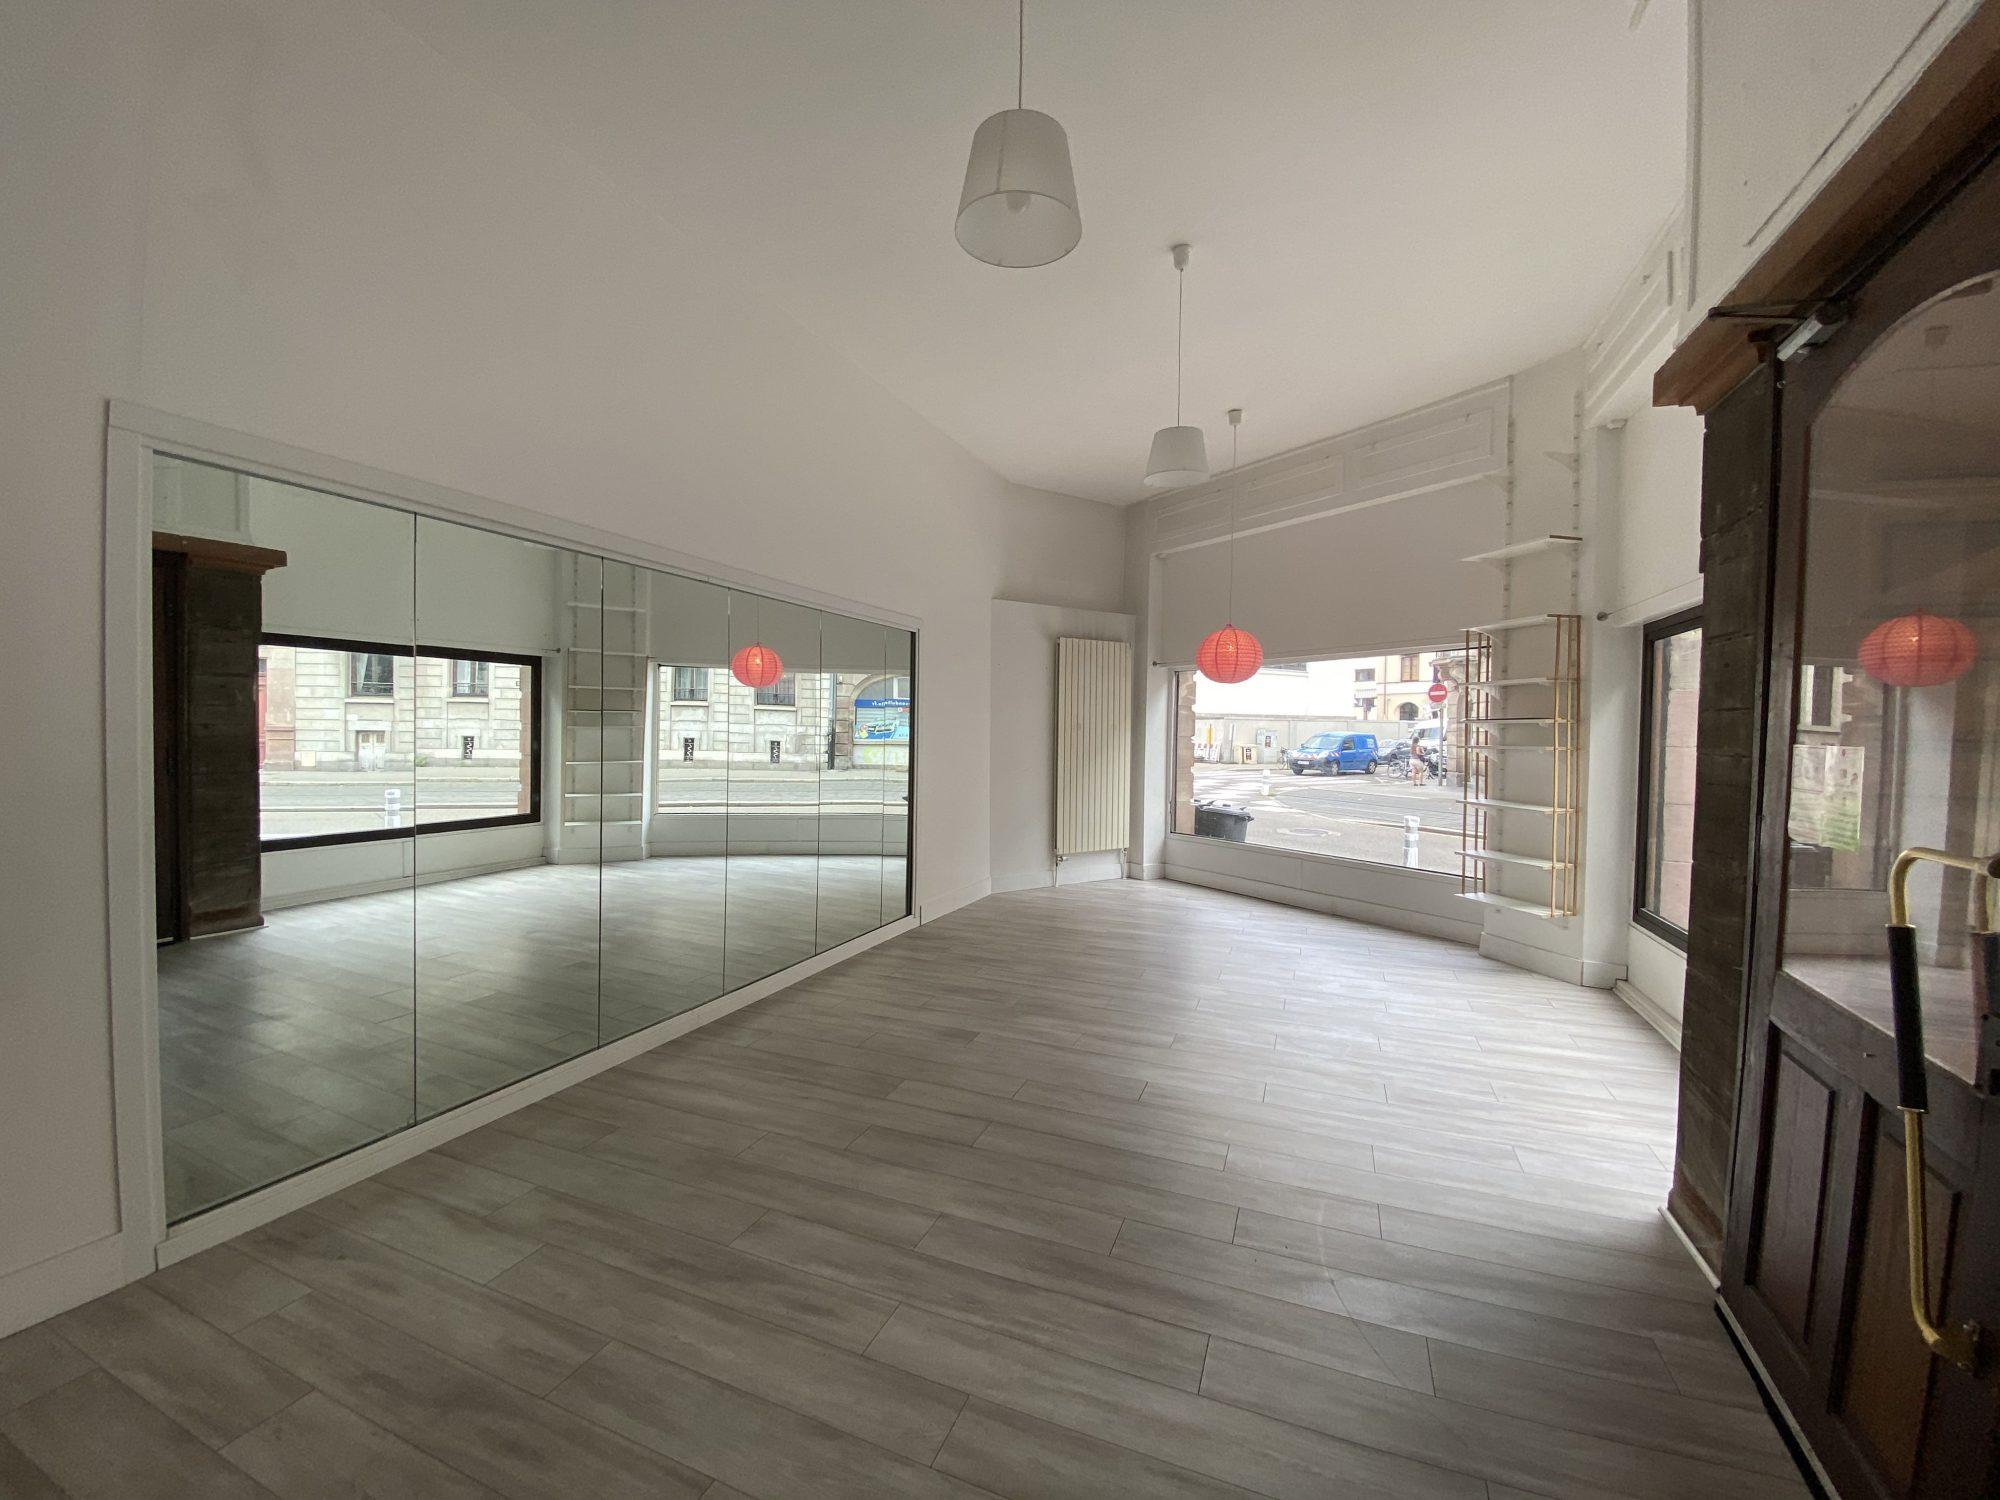 LOCAL COMMERCIAL A LOUER MUSEE D'ART MODERNE - Devenez locataire en toute sérénité - Bintz Immobilier - 9